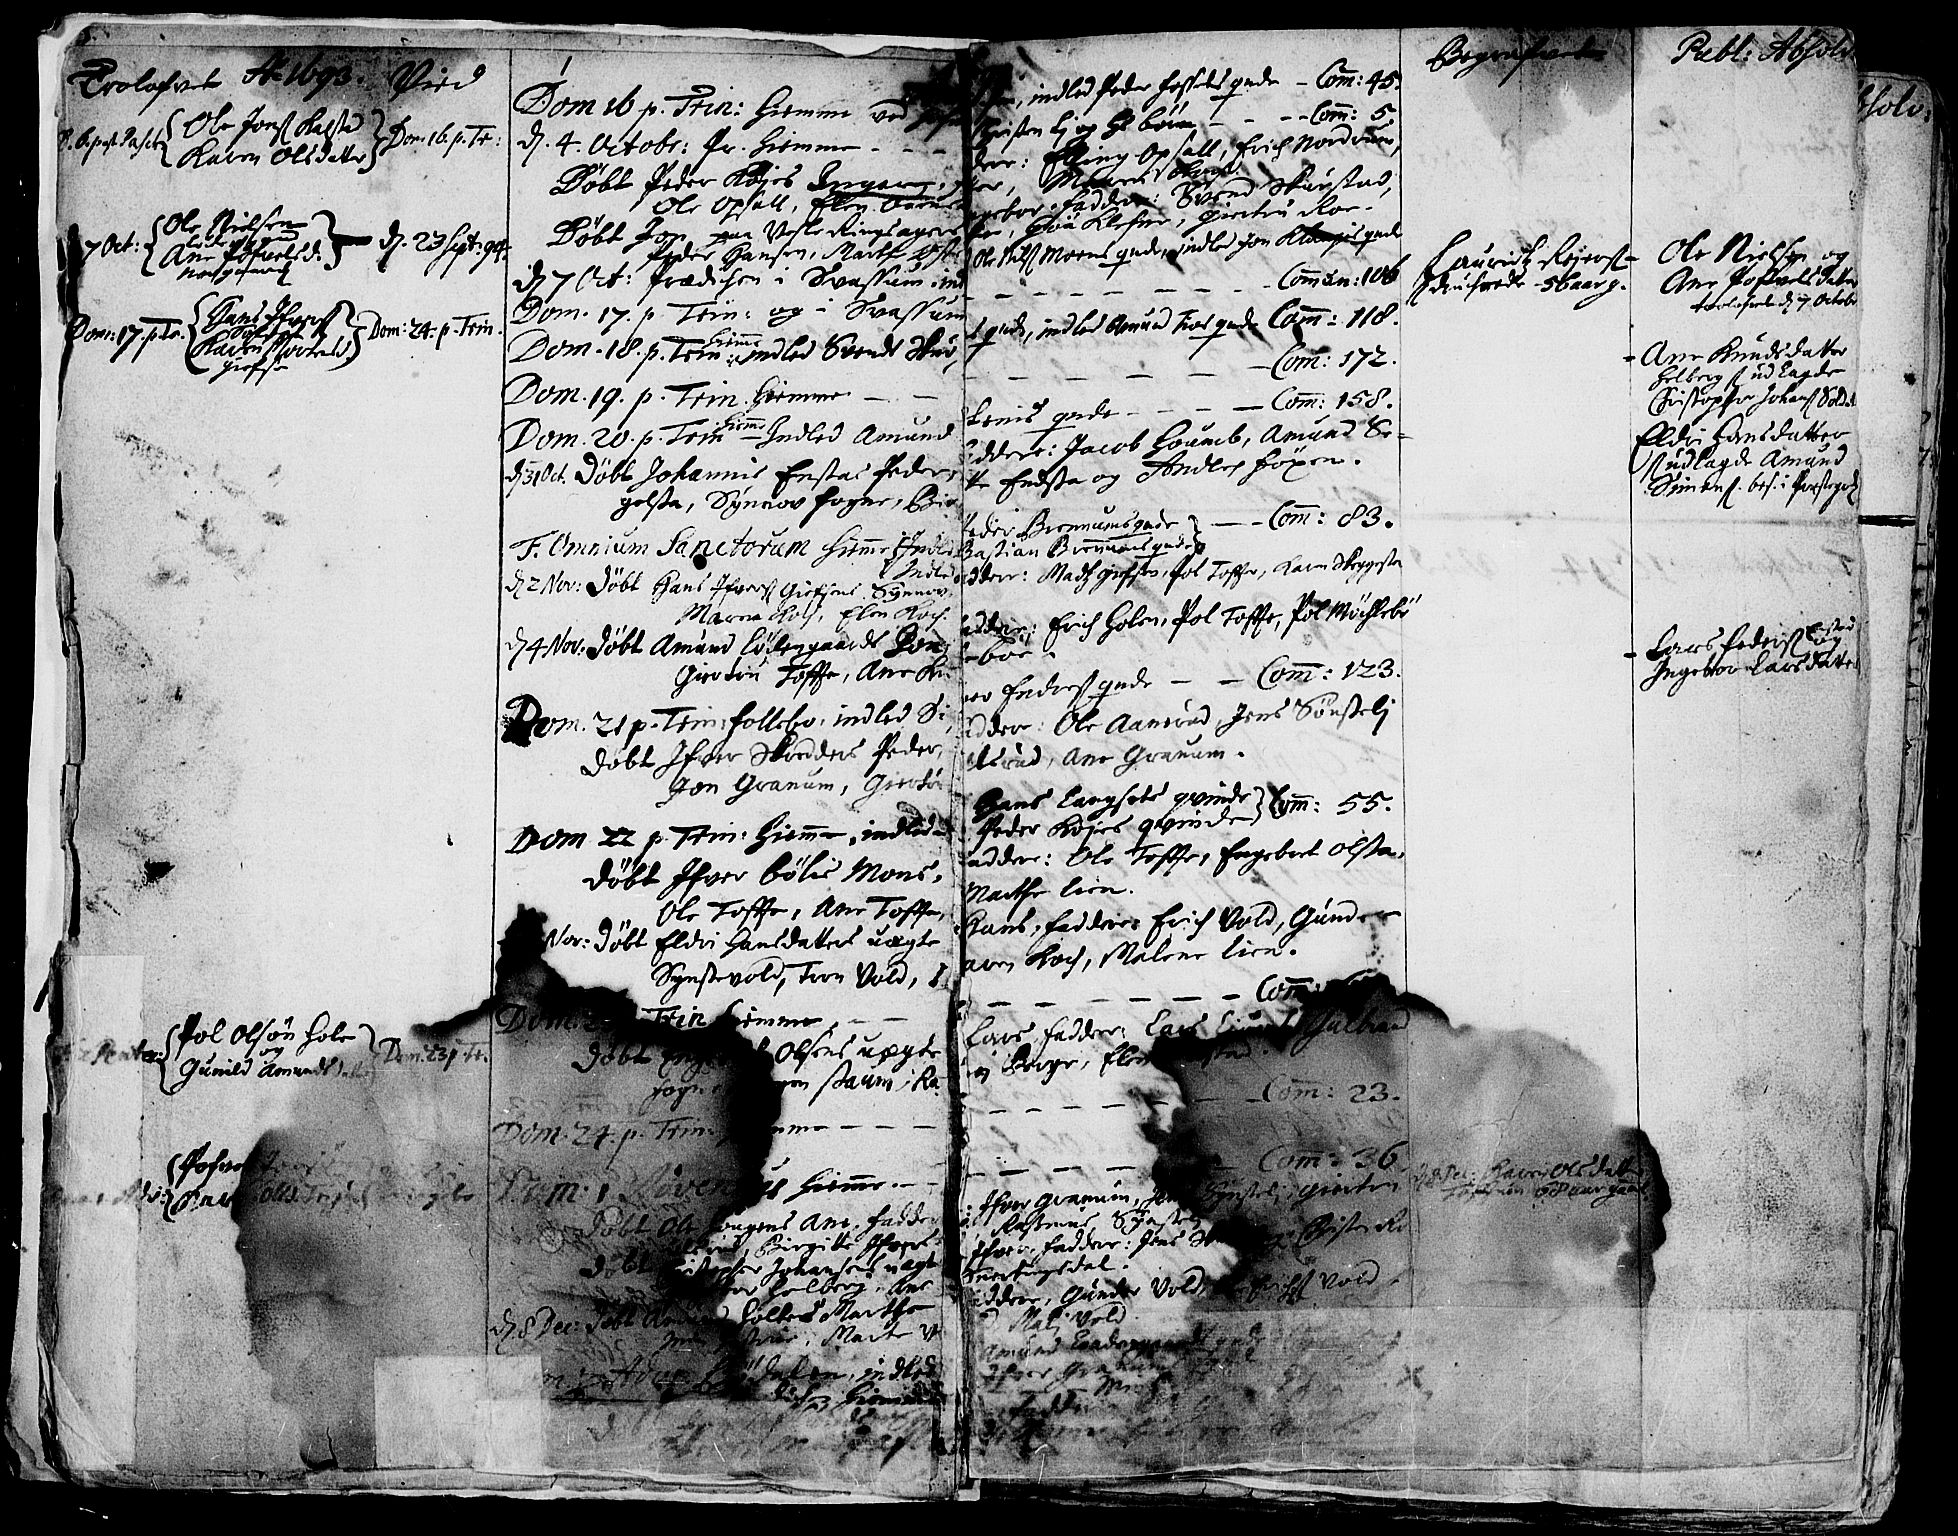 SAH, Gausdal prestekontor, Parish register (official) no. 1, 1693-1728, p. 1